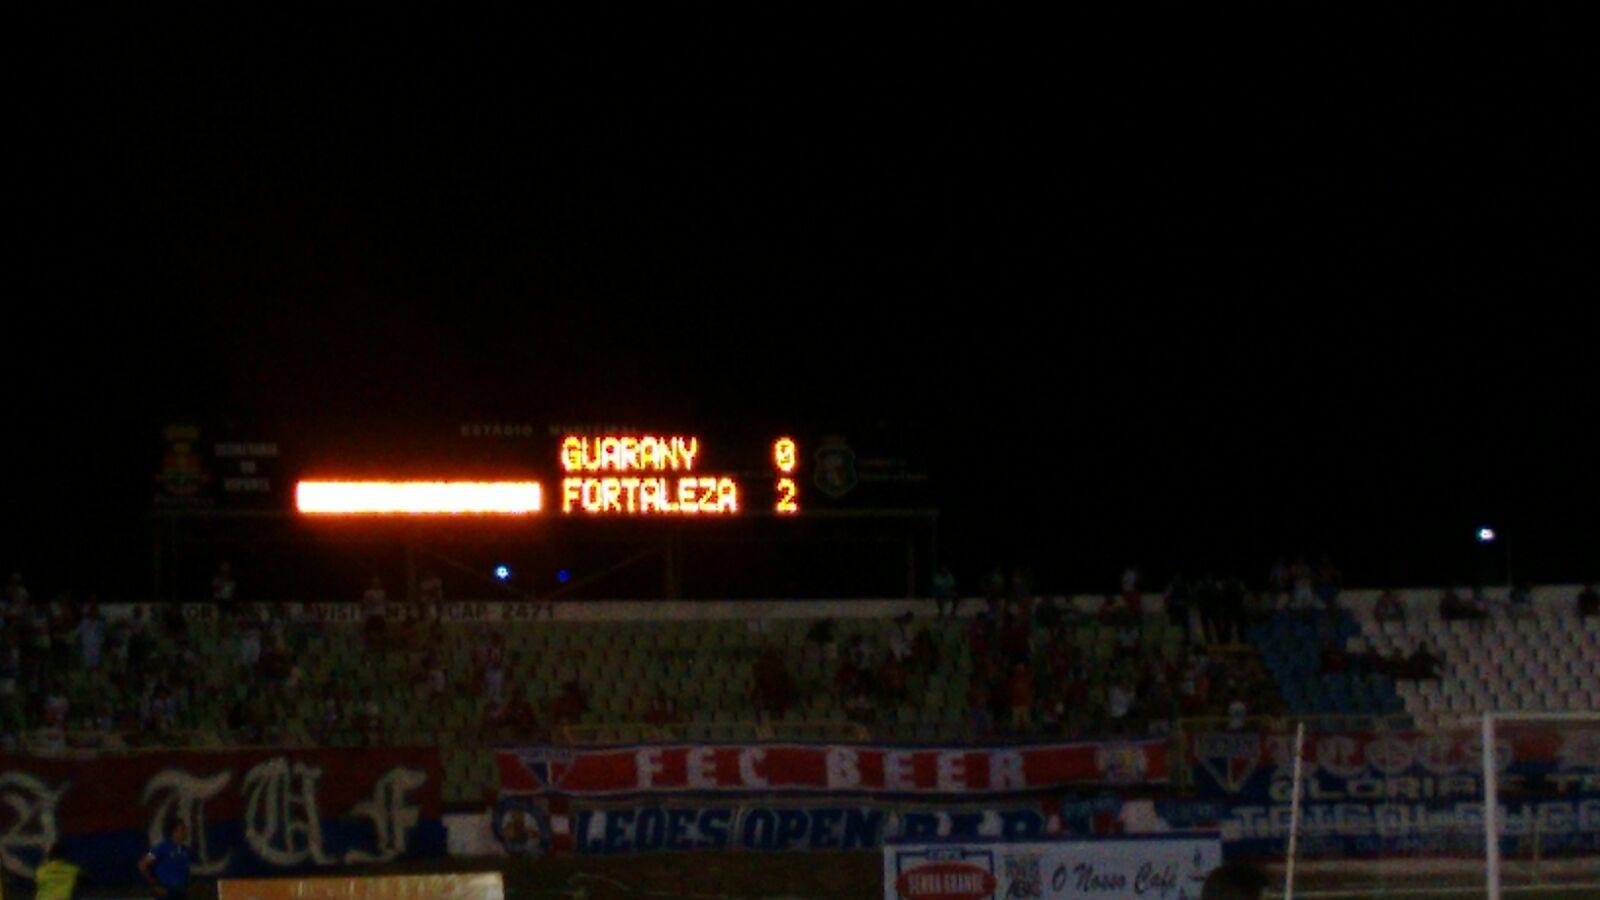 O Fortaleza fez cinco gols na soma das duas vitórias (Foto: Walber Freitas)